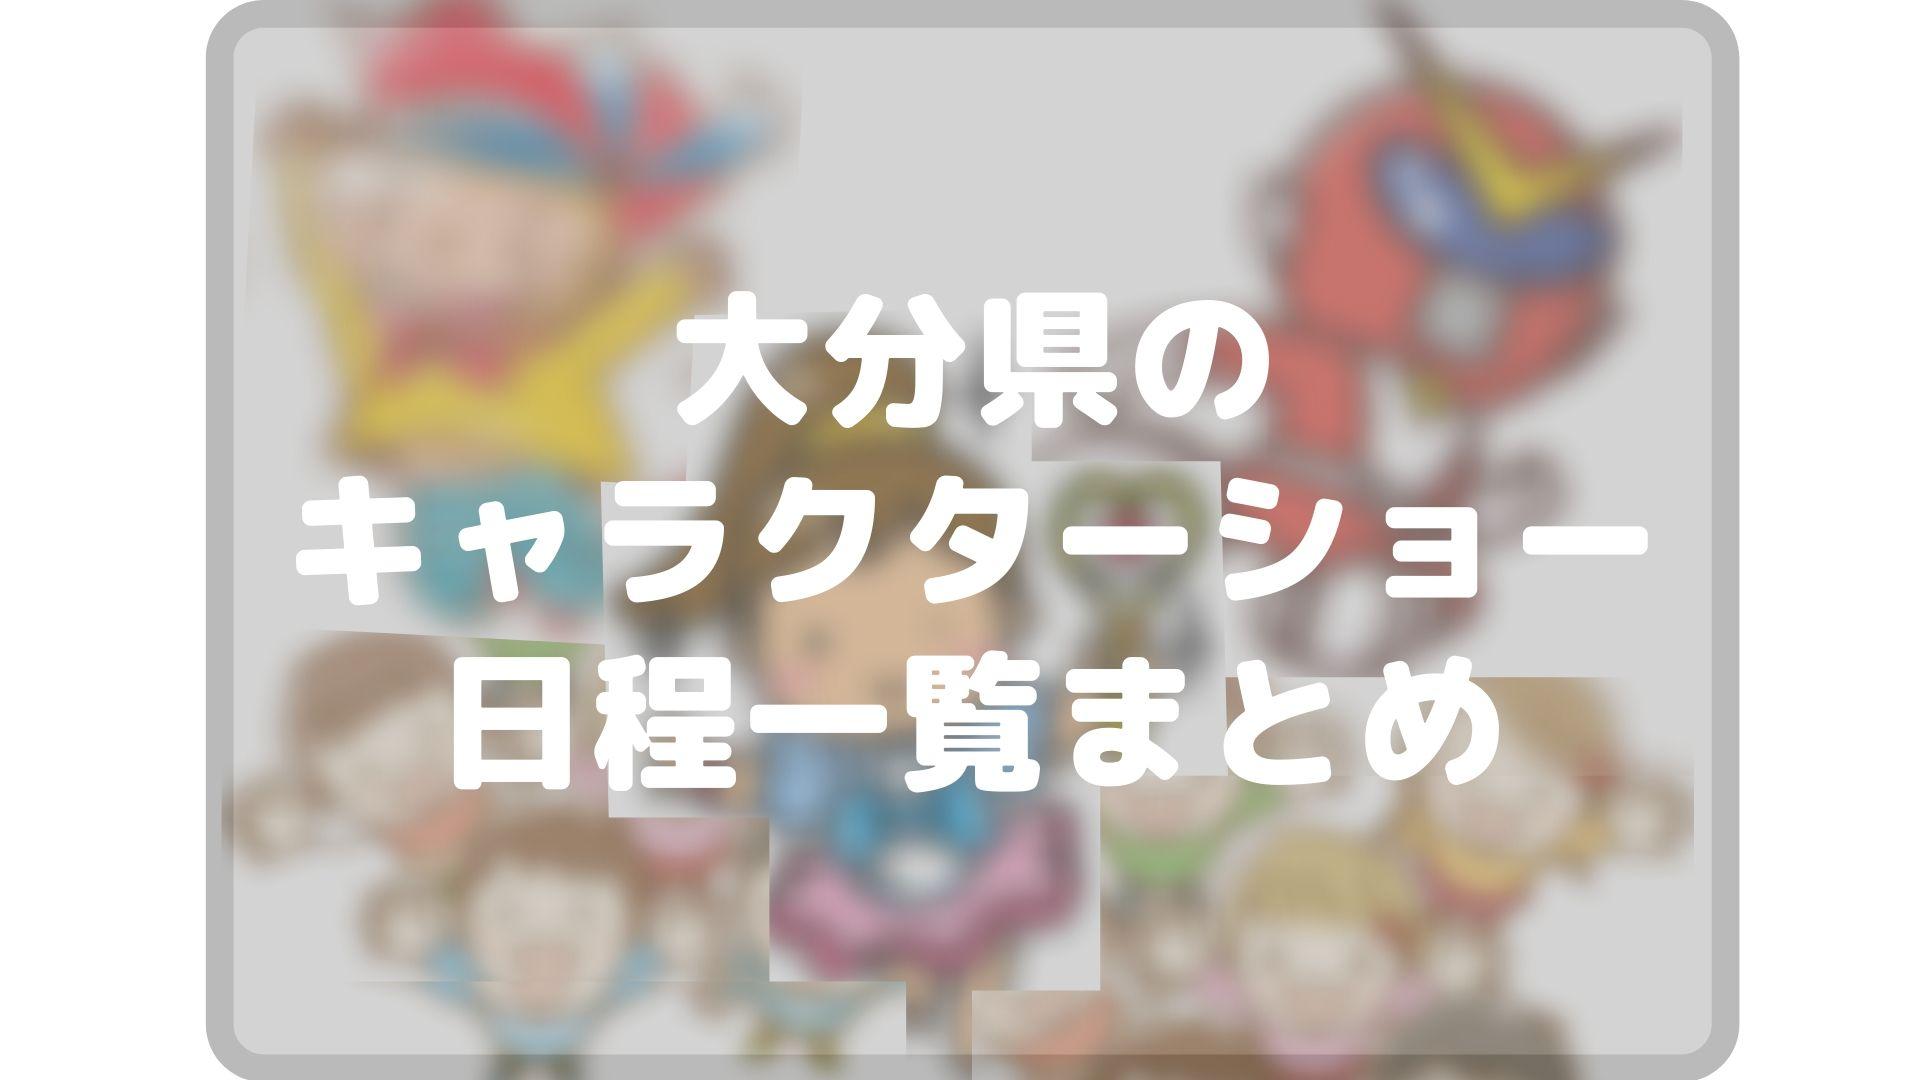 大分県のキャラクターショーまとめタイトル画像